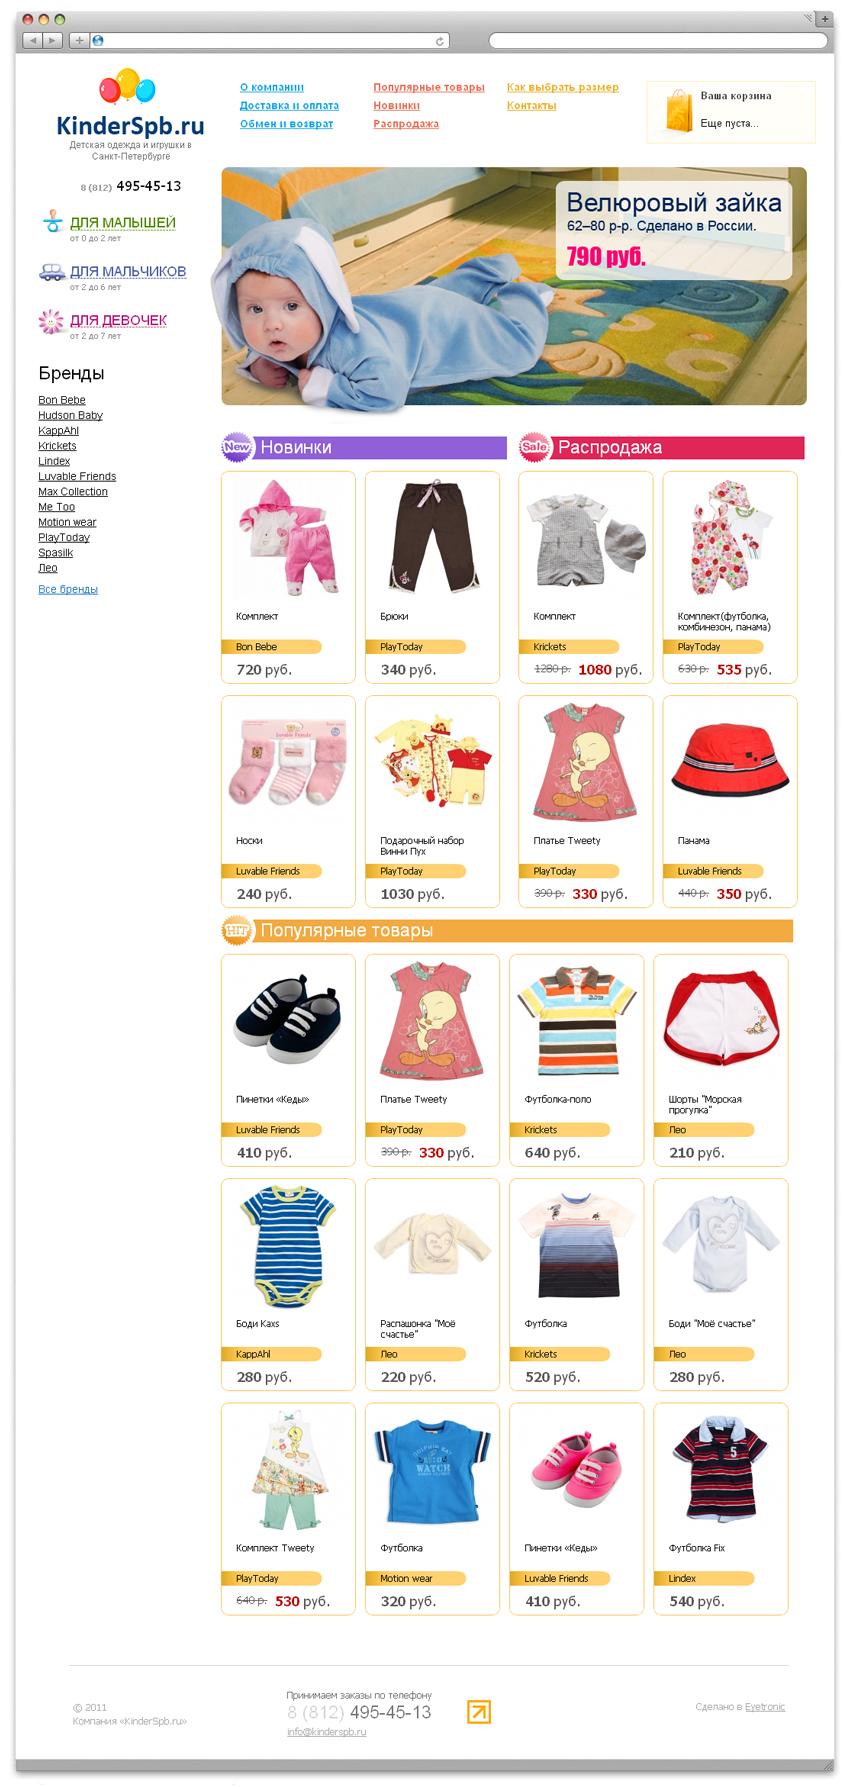 Разработка интернет-магазина детской одежды «KinderSpb» - 1